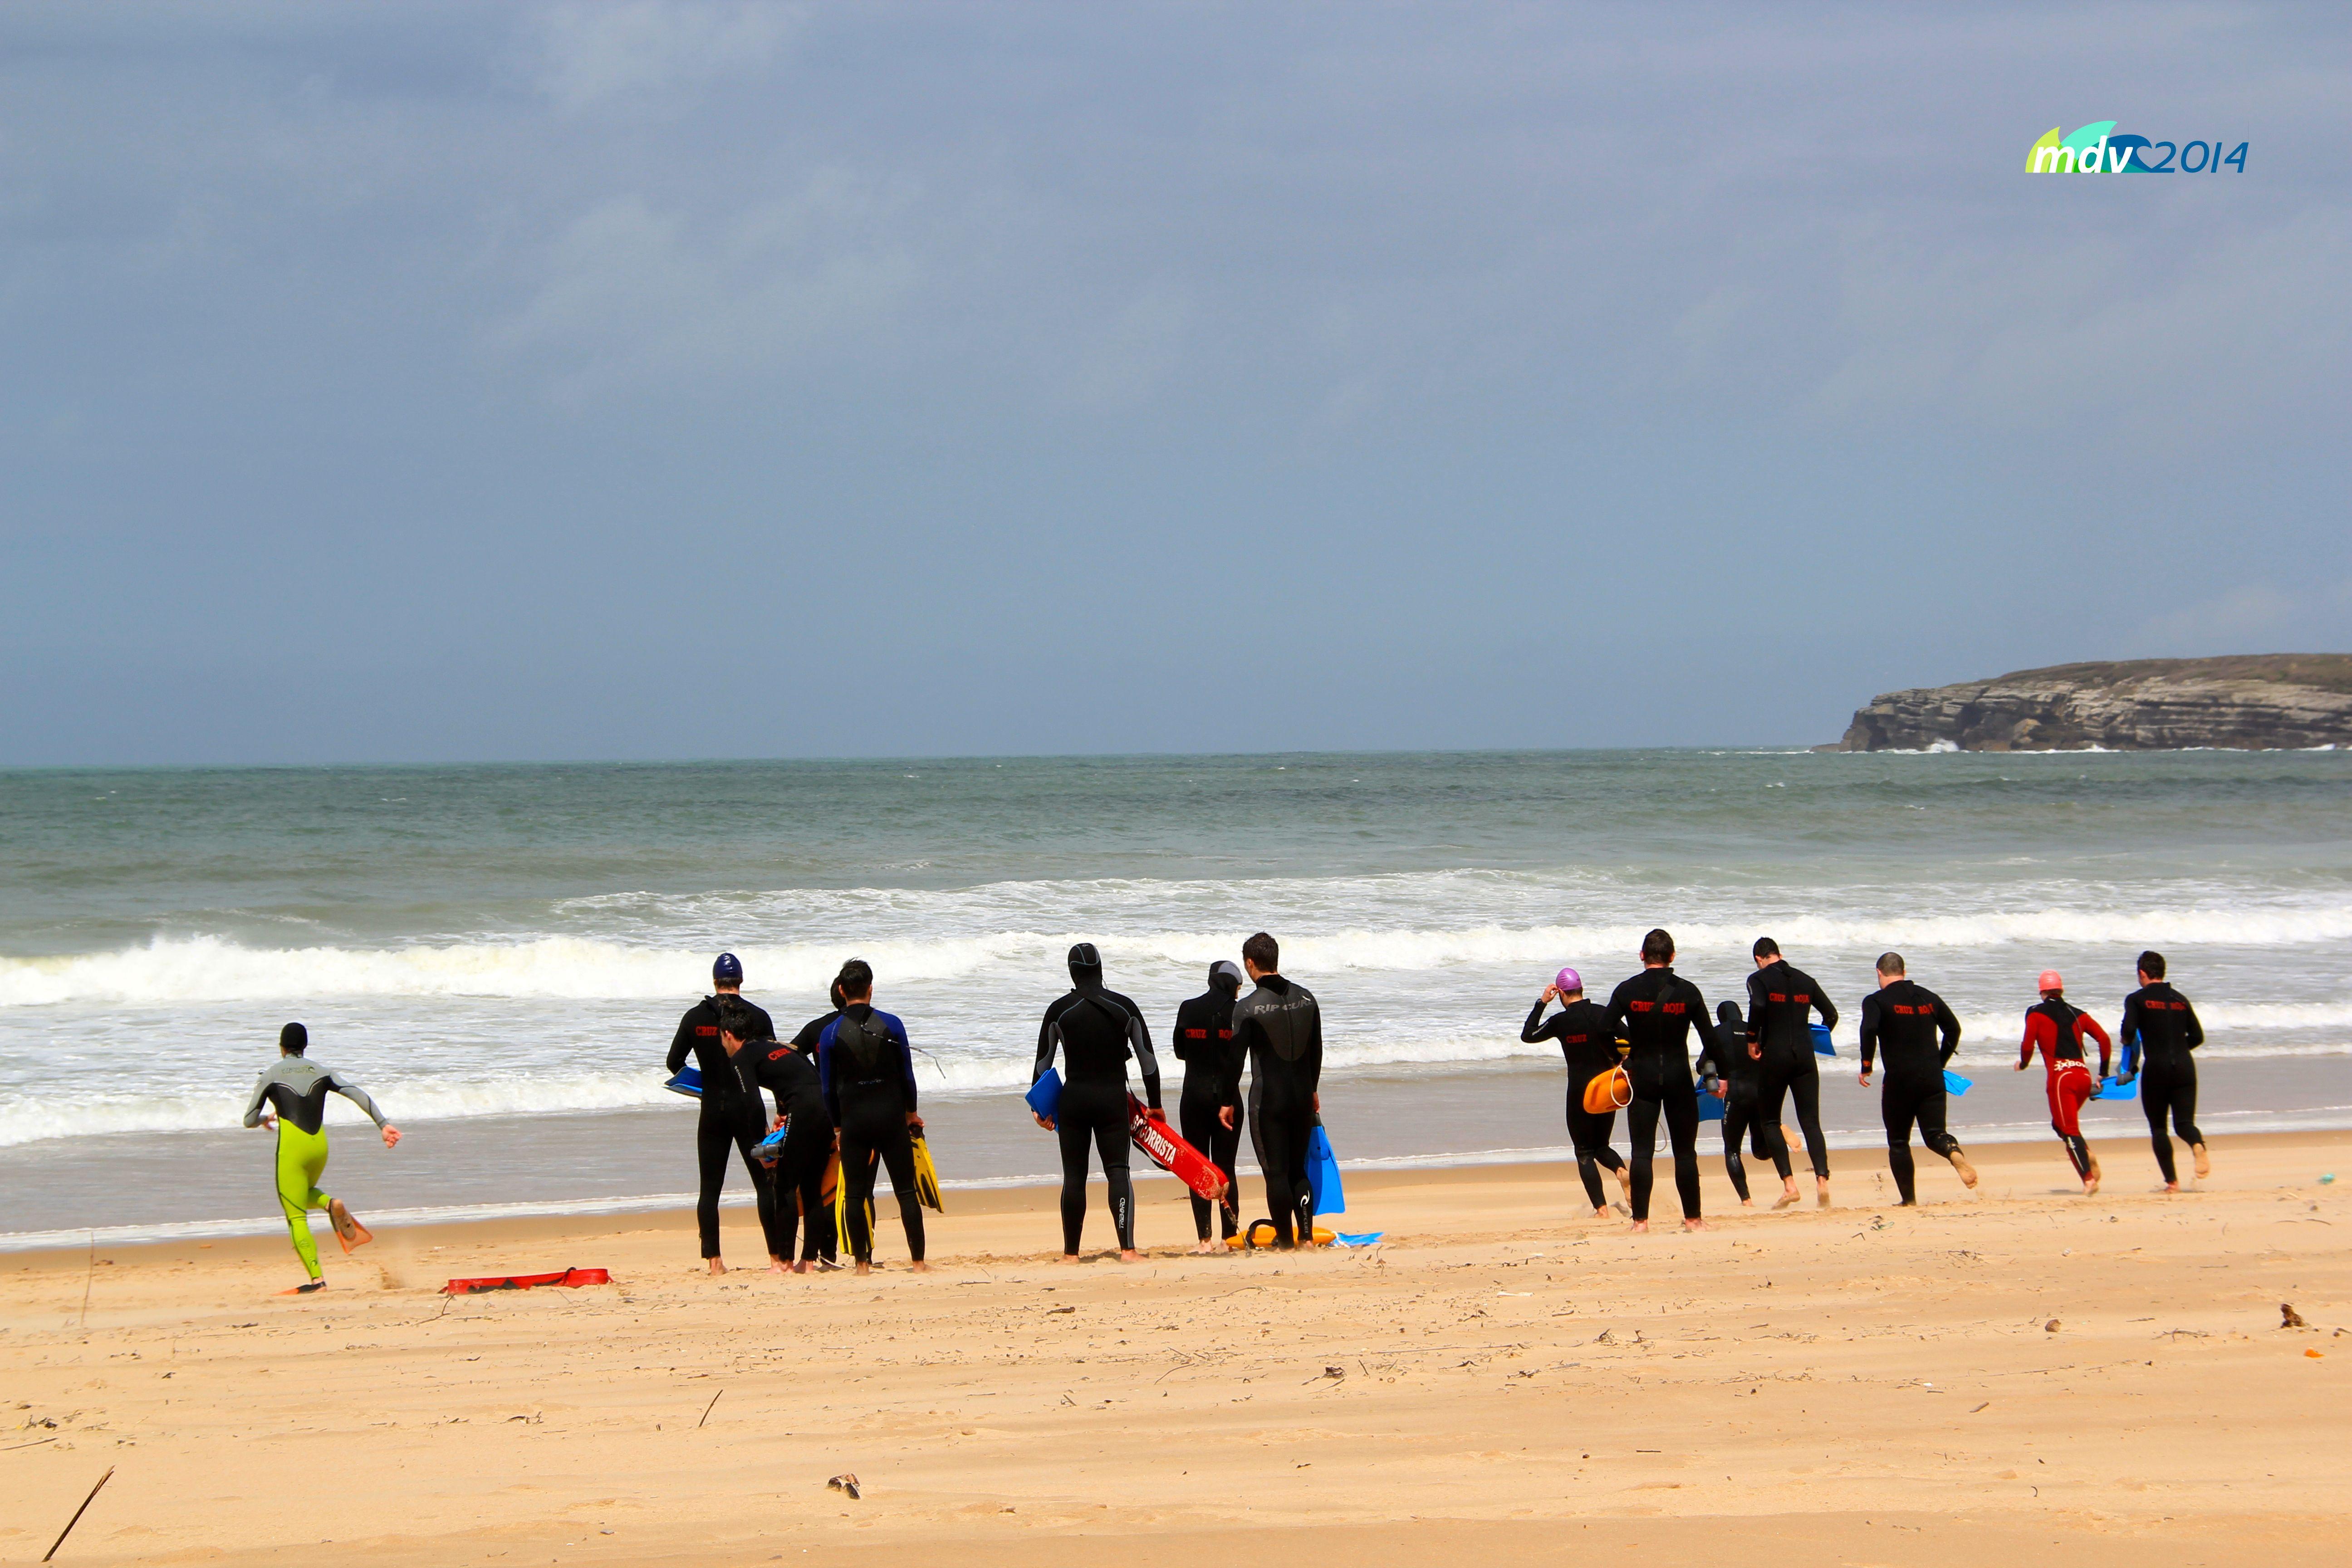 Preparandose para salvamento en playas